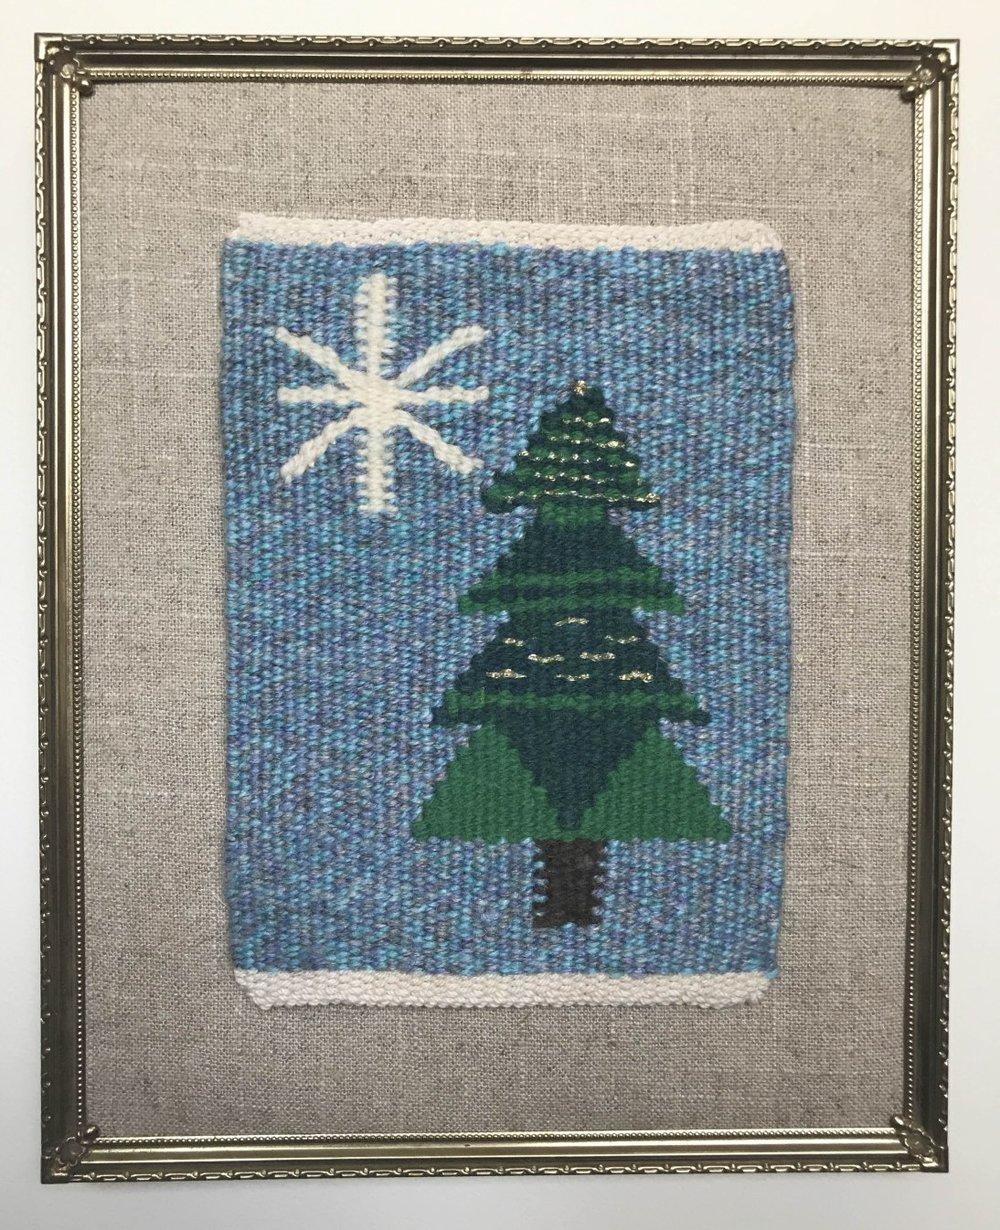 Robbie LaFleur's Norwegian holiday tree, #holidaytapestry17